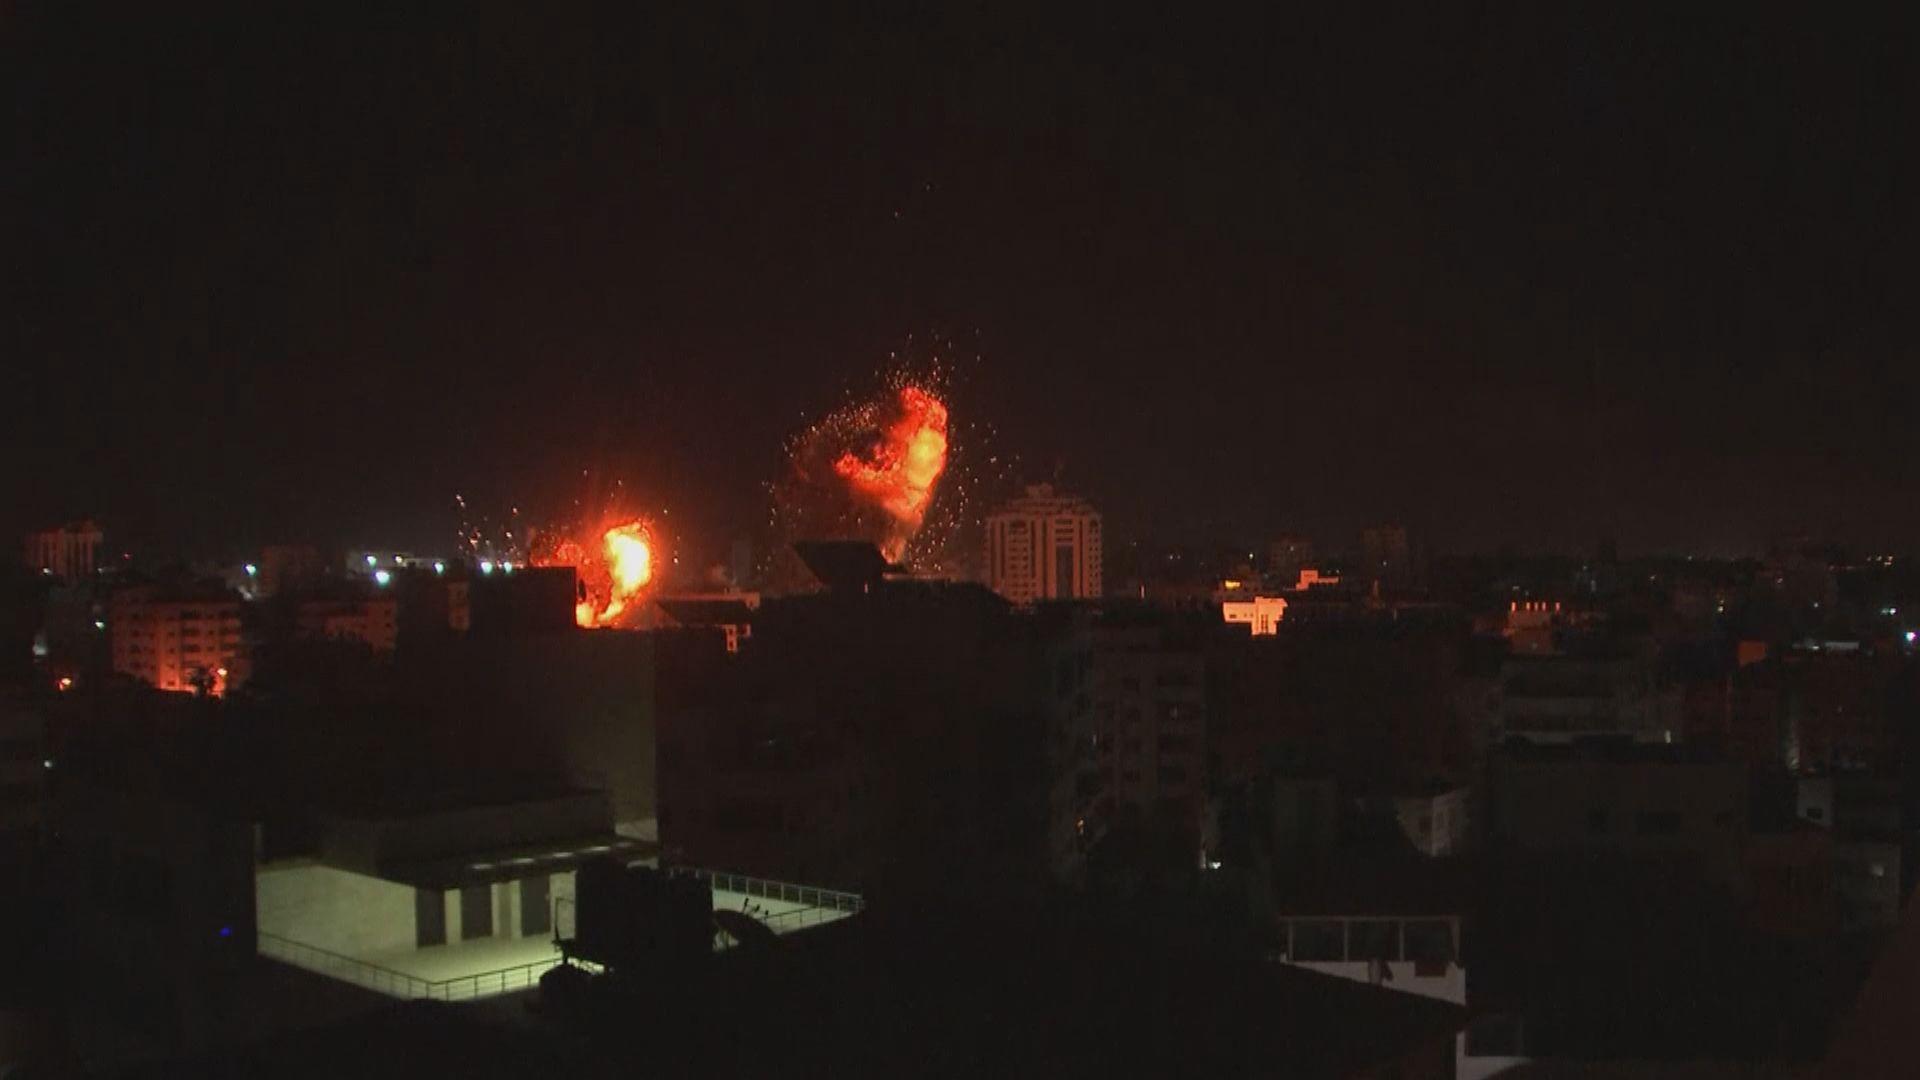 以巴衝突持續 美國首次表示支持雙方停火